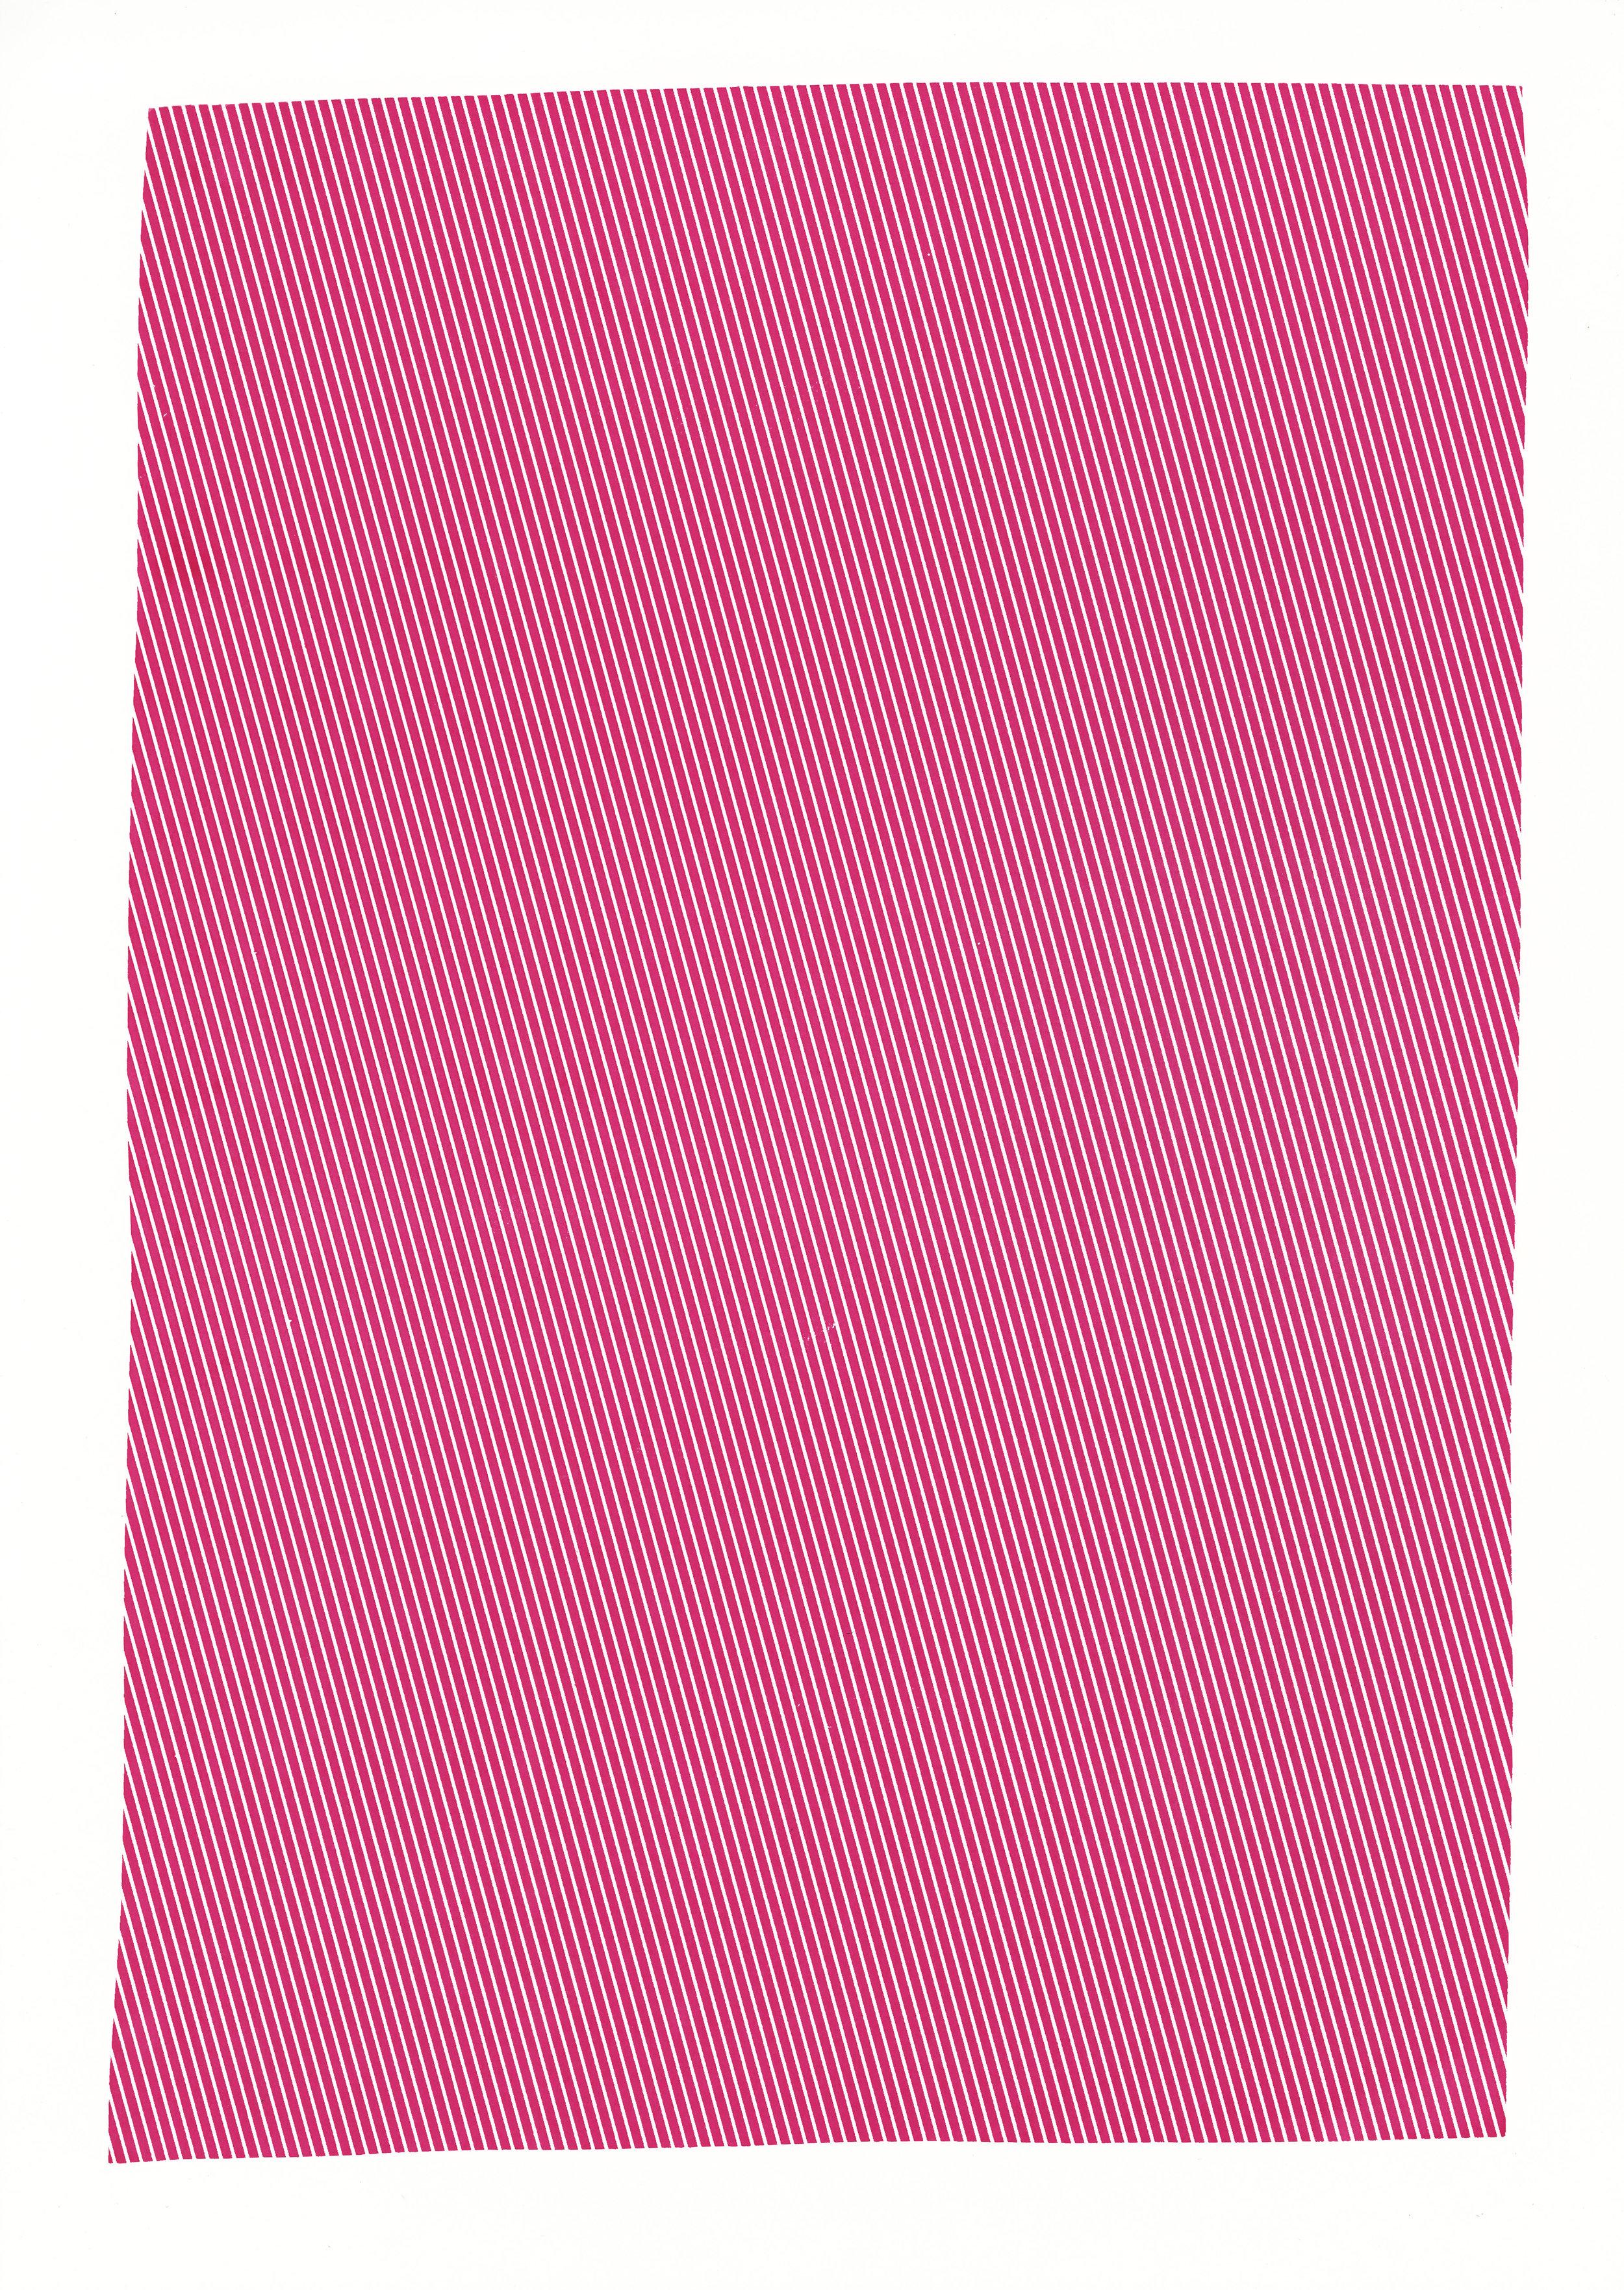 """Magenta study,2017, silkscreen, 19"""" x 12.5"""""""